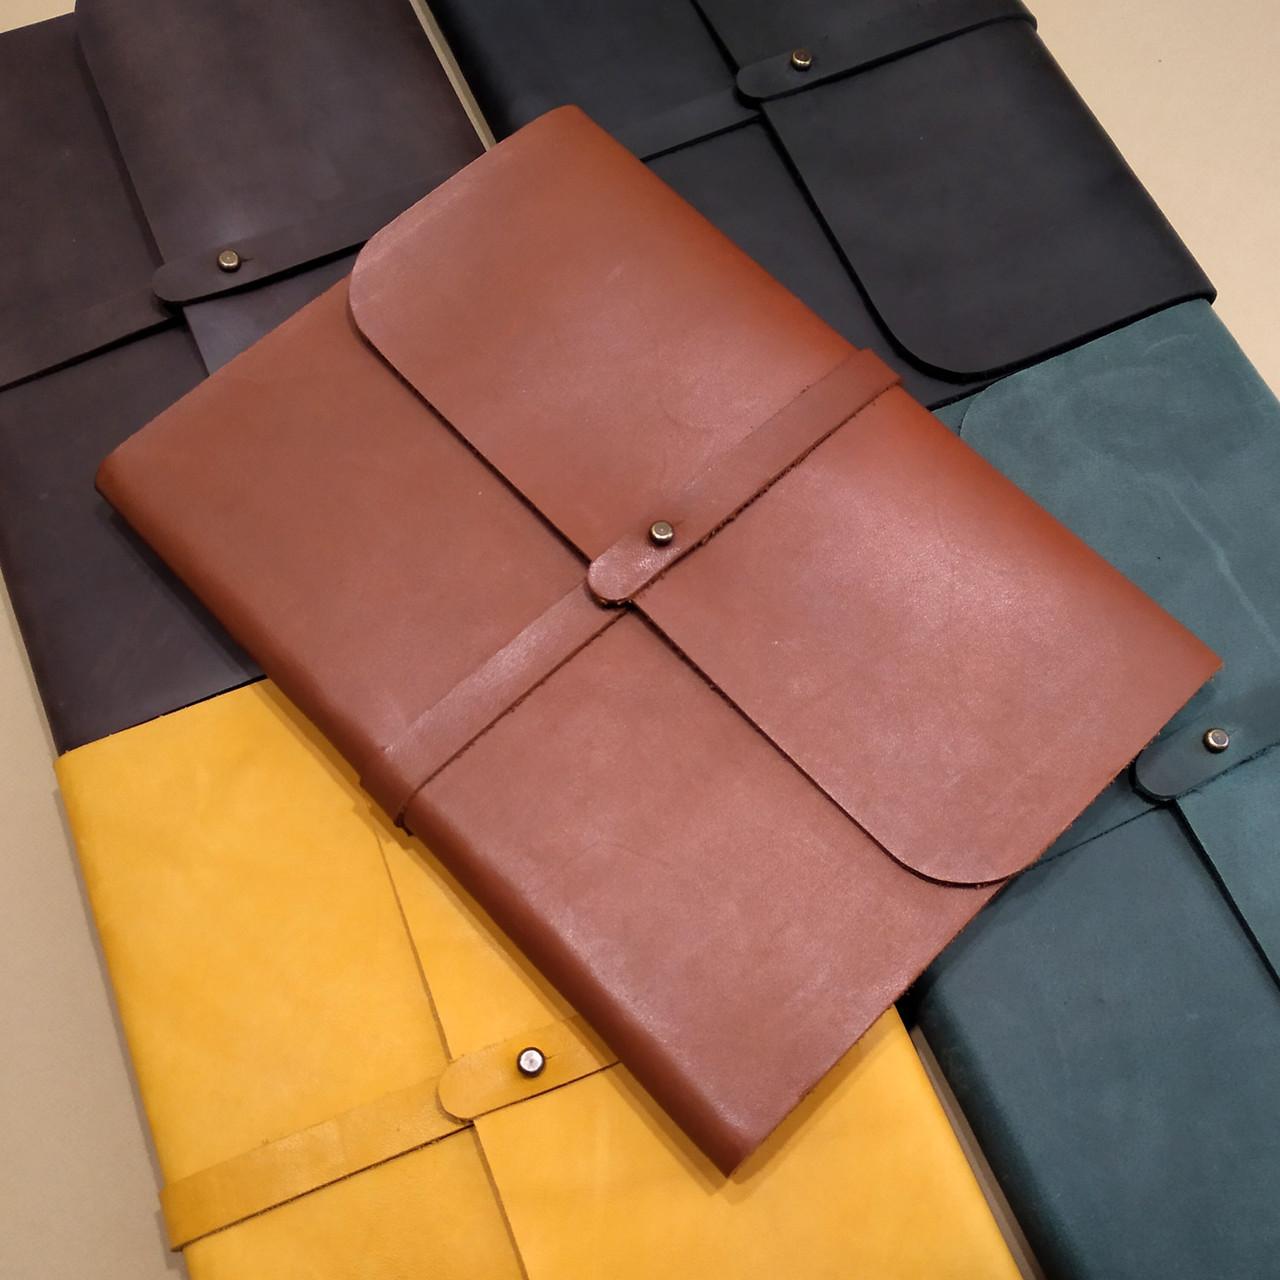 70f109c92a37 Блокнот А5 в кожаной обложке ручной работы от мастерской Wood & Leather